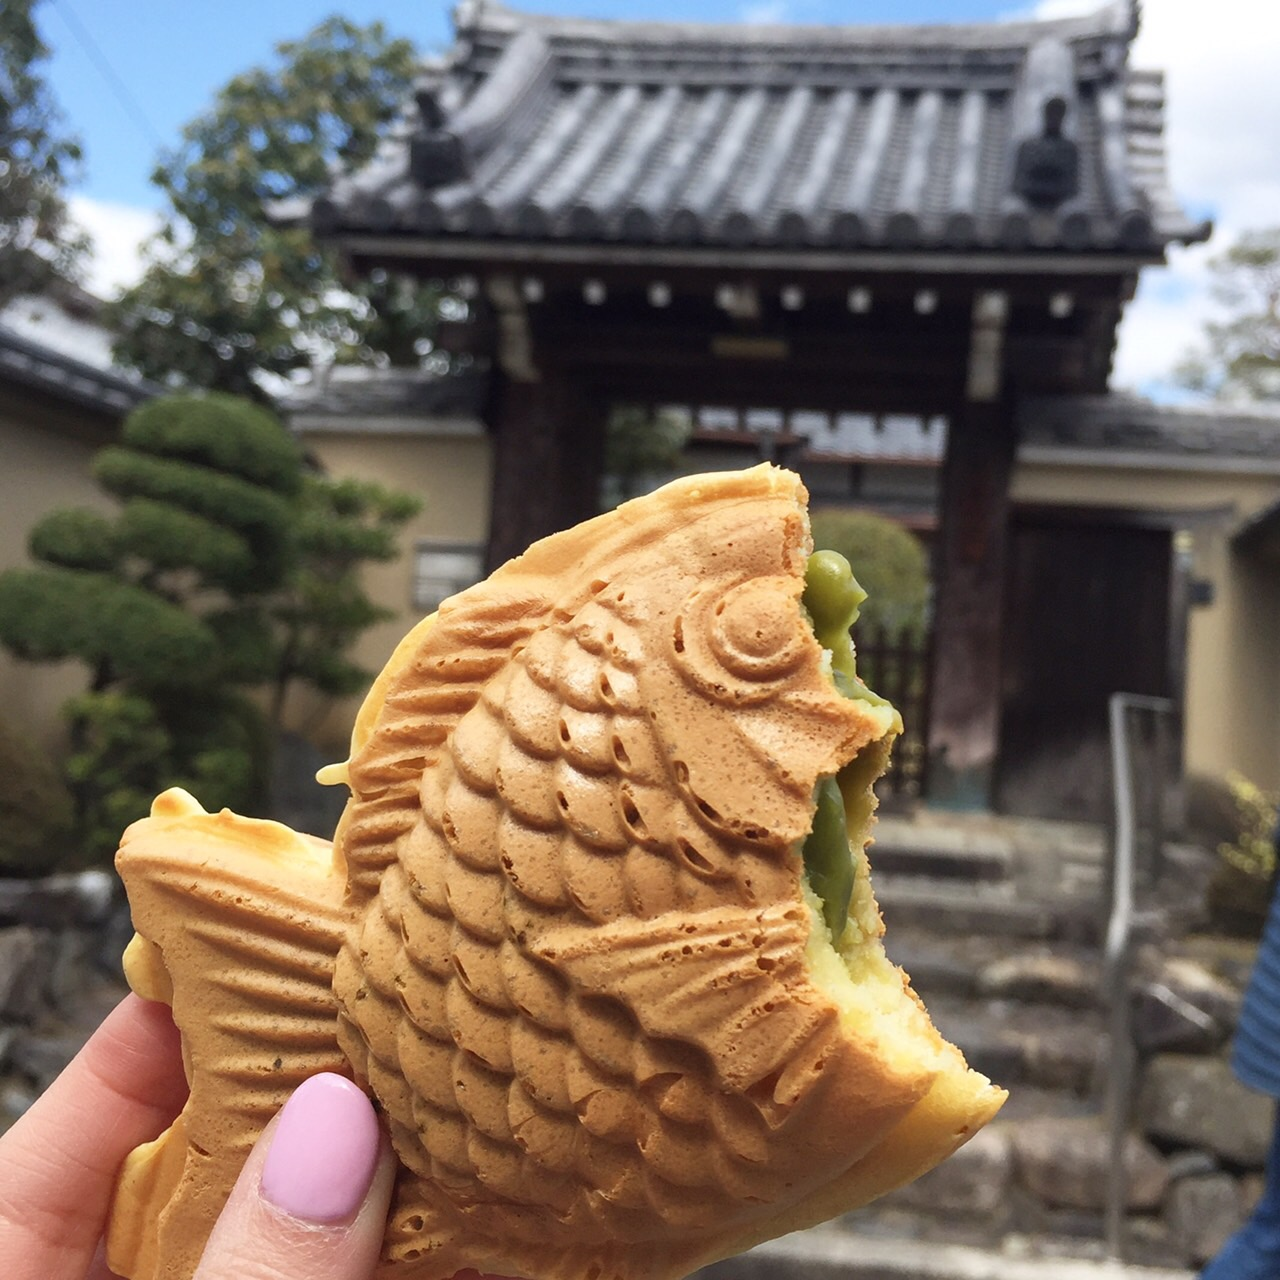 Streetfood in Japan